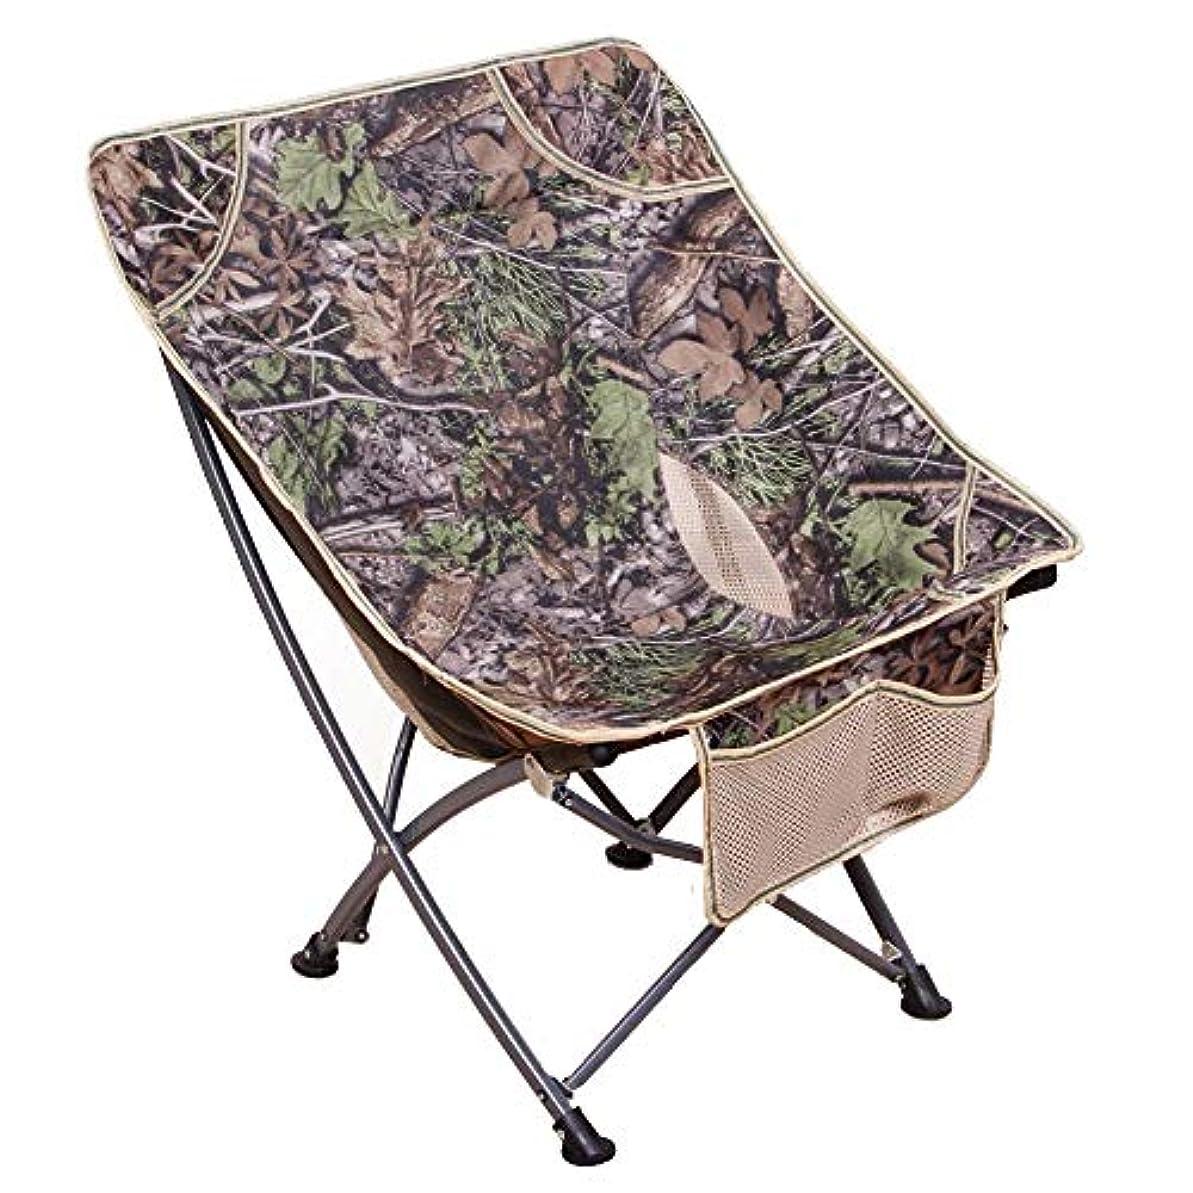 コーヒーバー特徴づける屋外キャンプチェア 折りたたみ椅子 光 ポータブル 釣り ビーチ ハイキング ピクニック&バックパック ガーデンバーベキュー